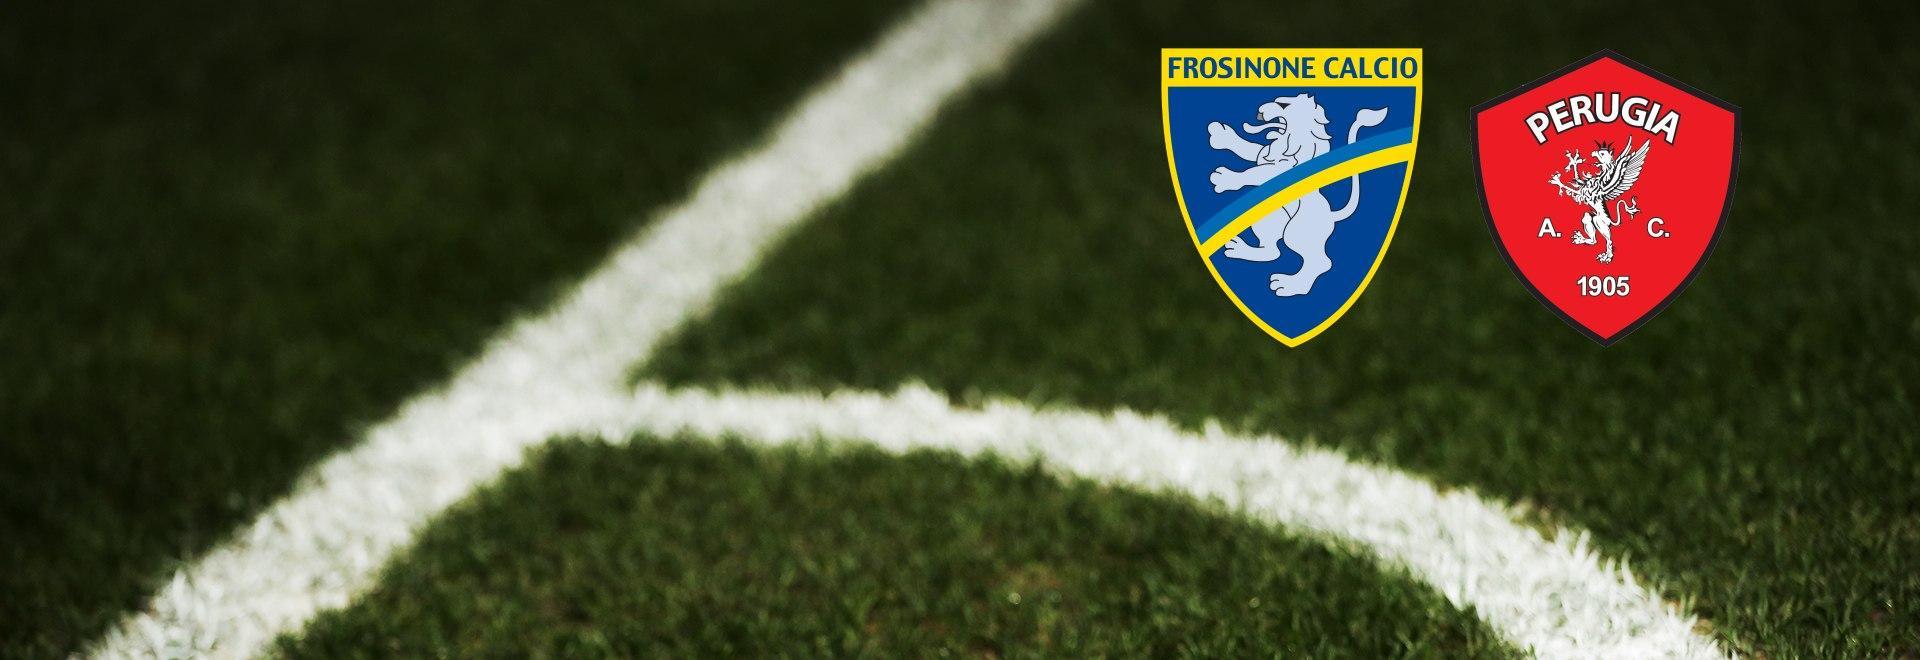 Frosinone - Perugia. 24a g.